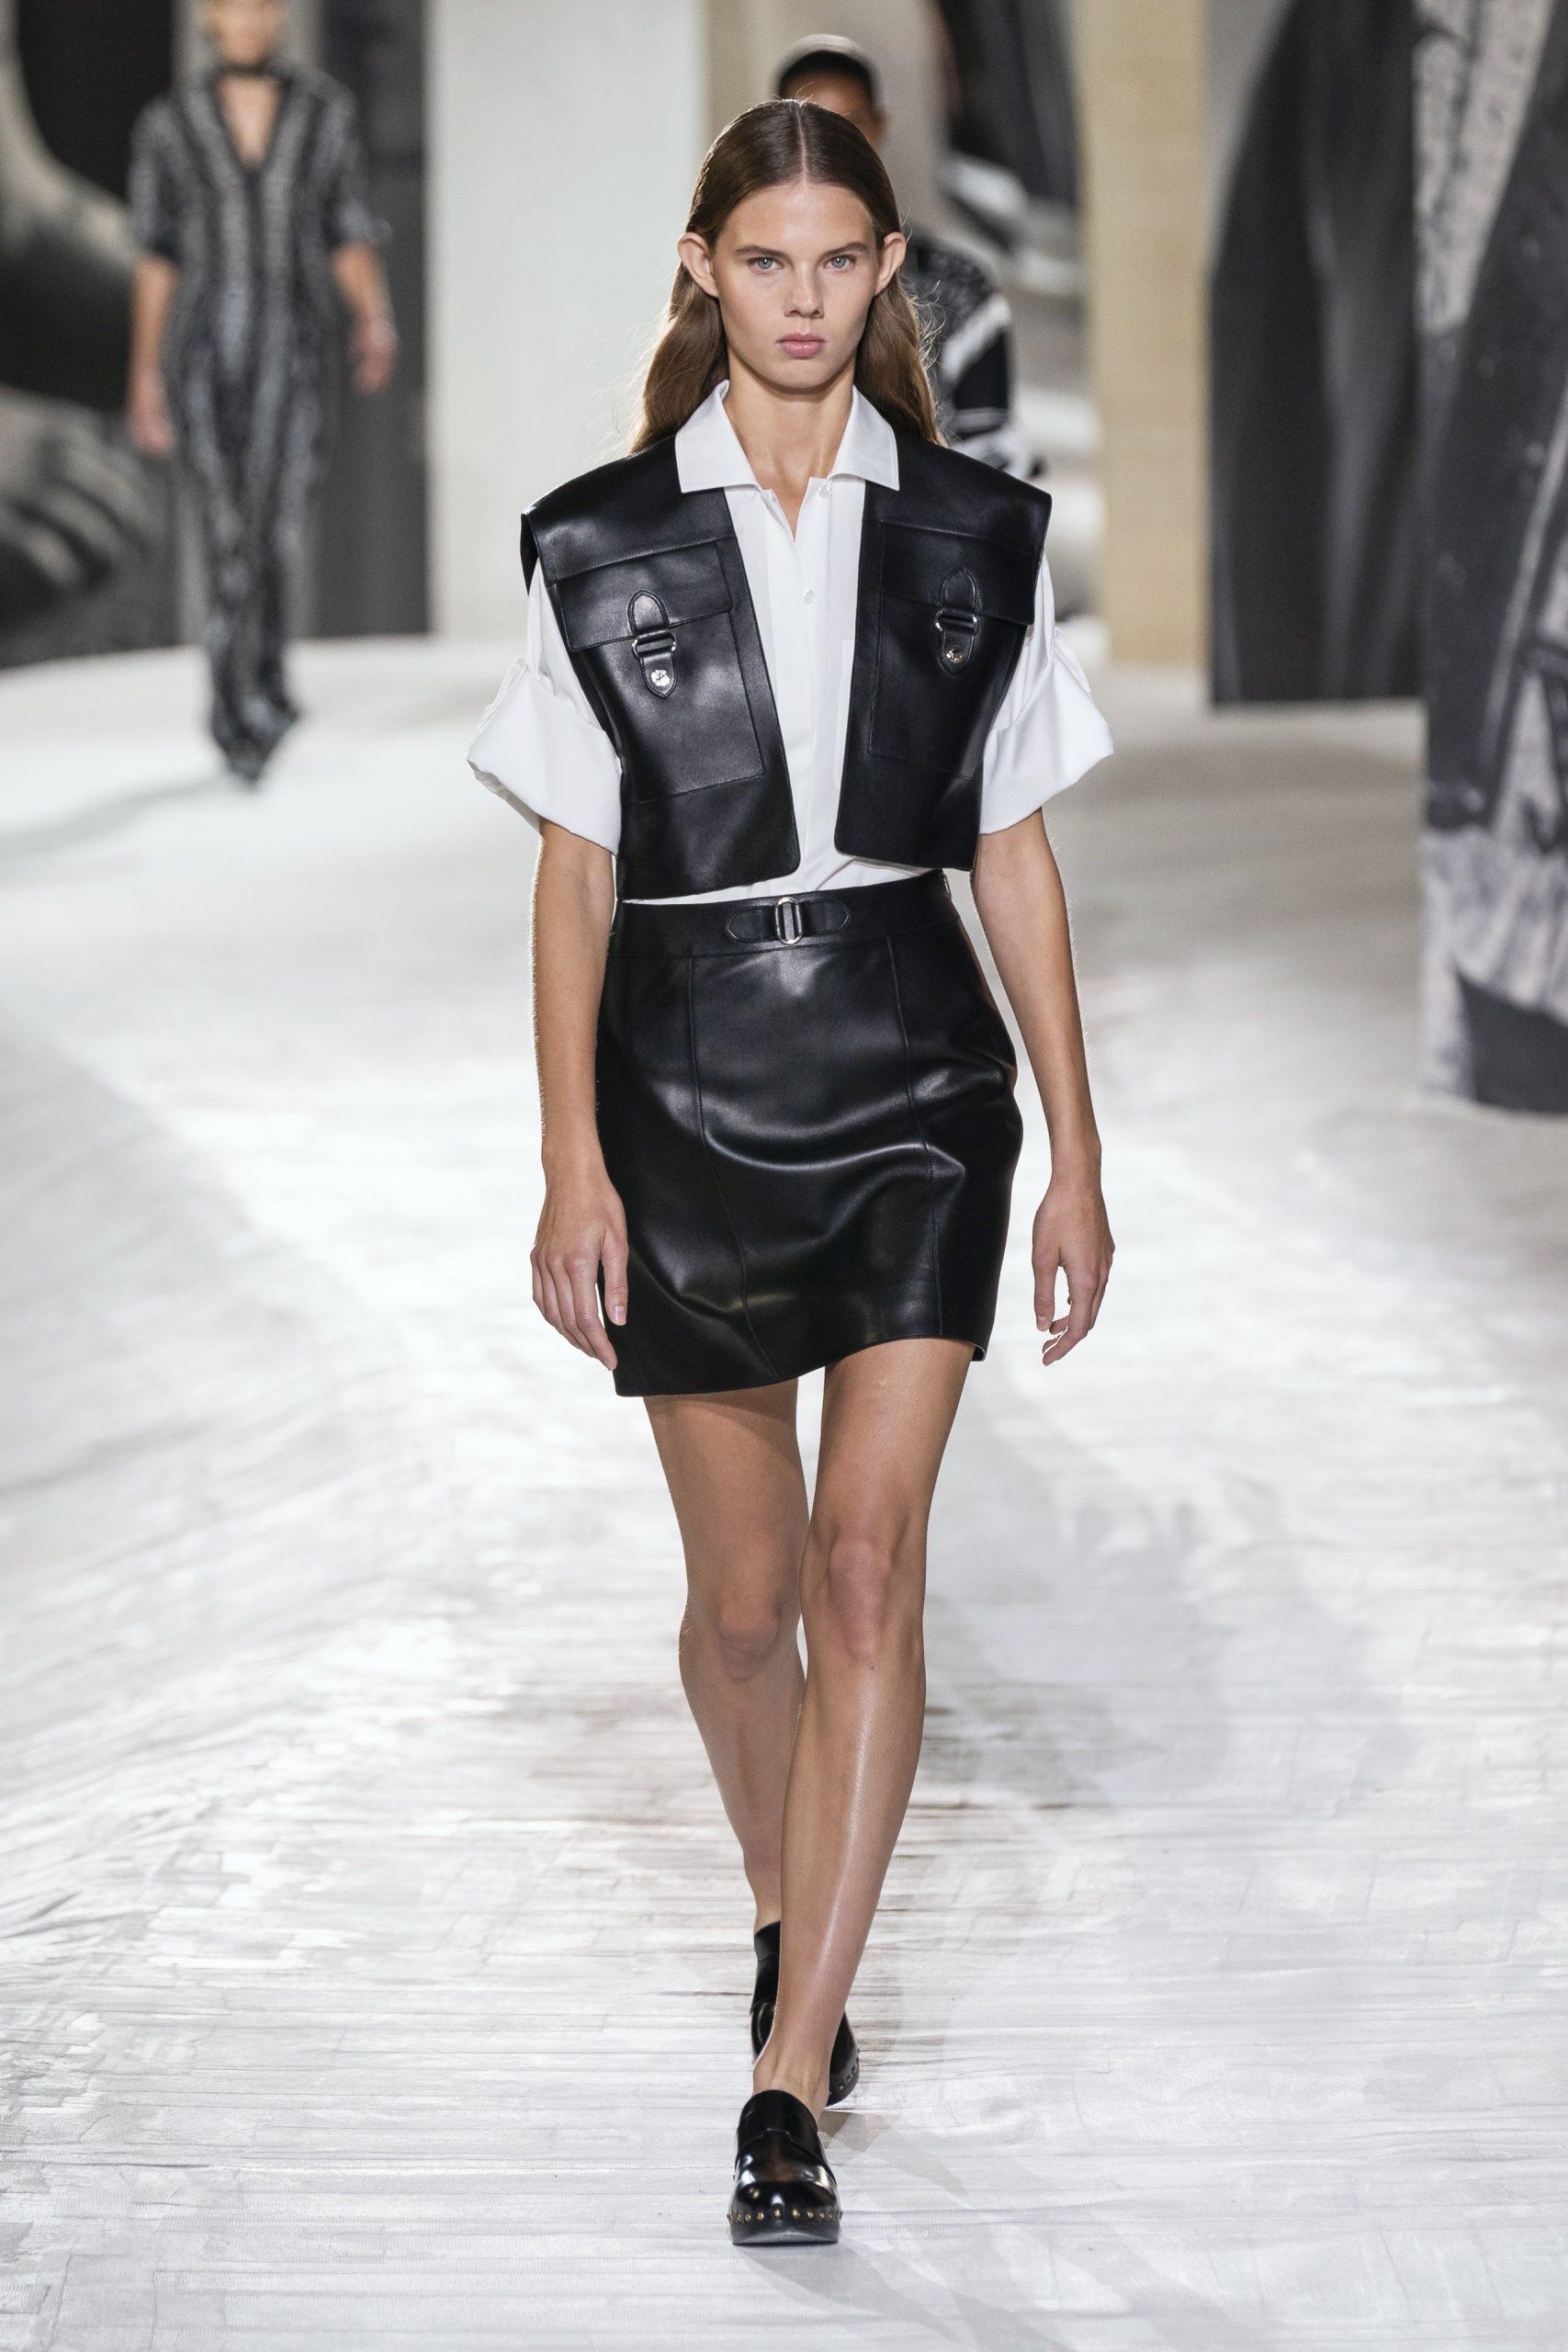 14. kép: Párizsi divathét - Hermès - 2021 tavasz-nyár - ready to wear